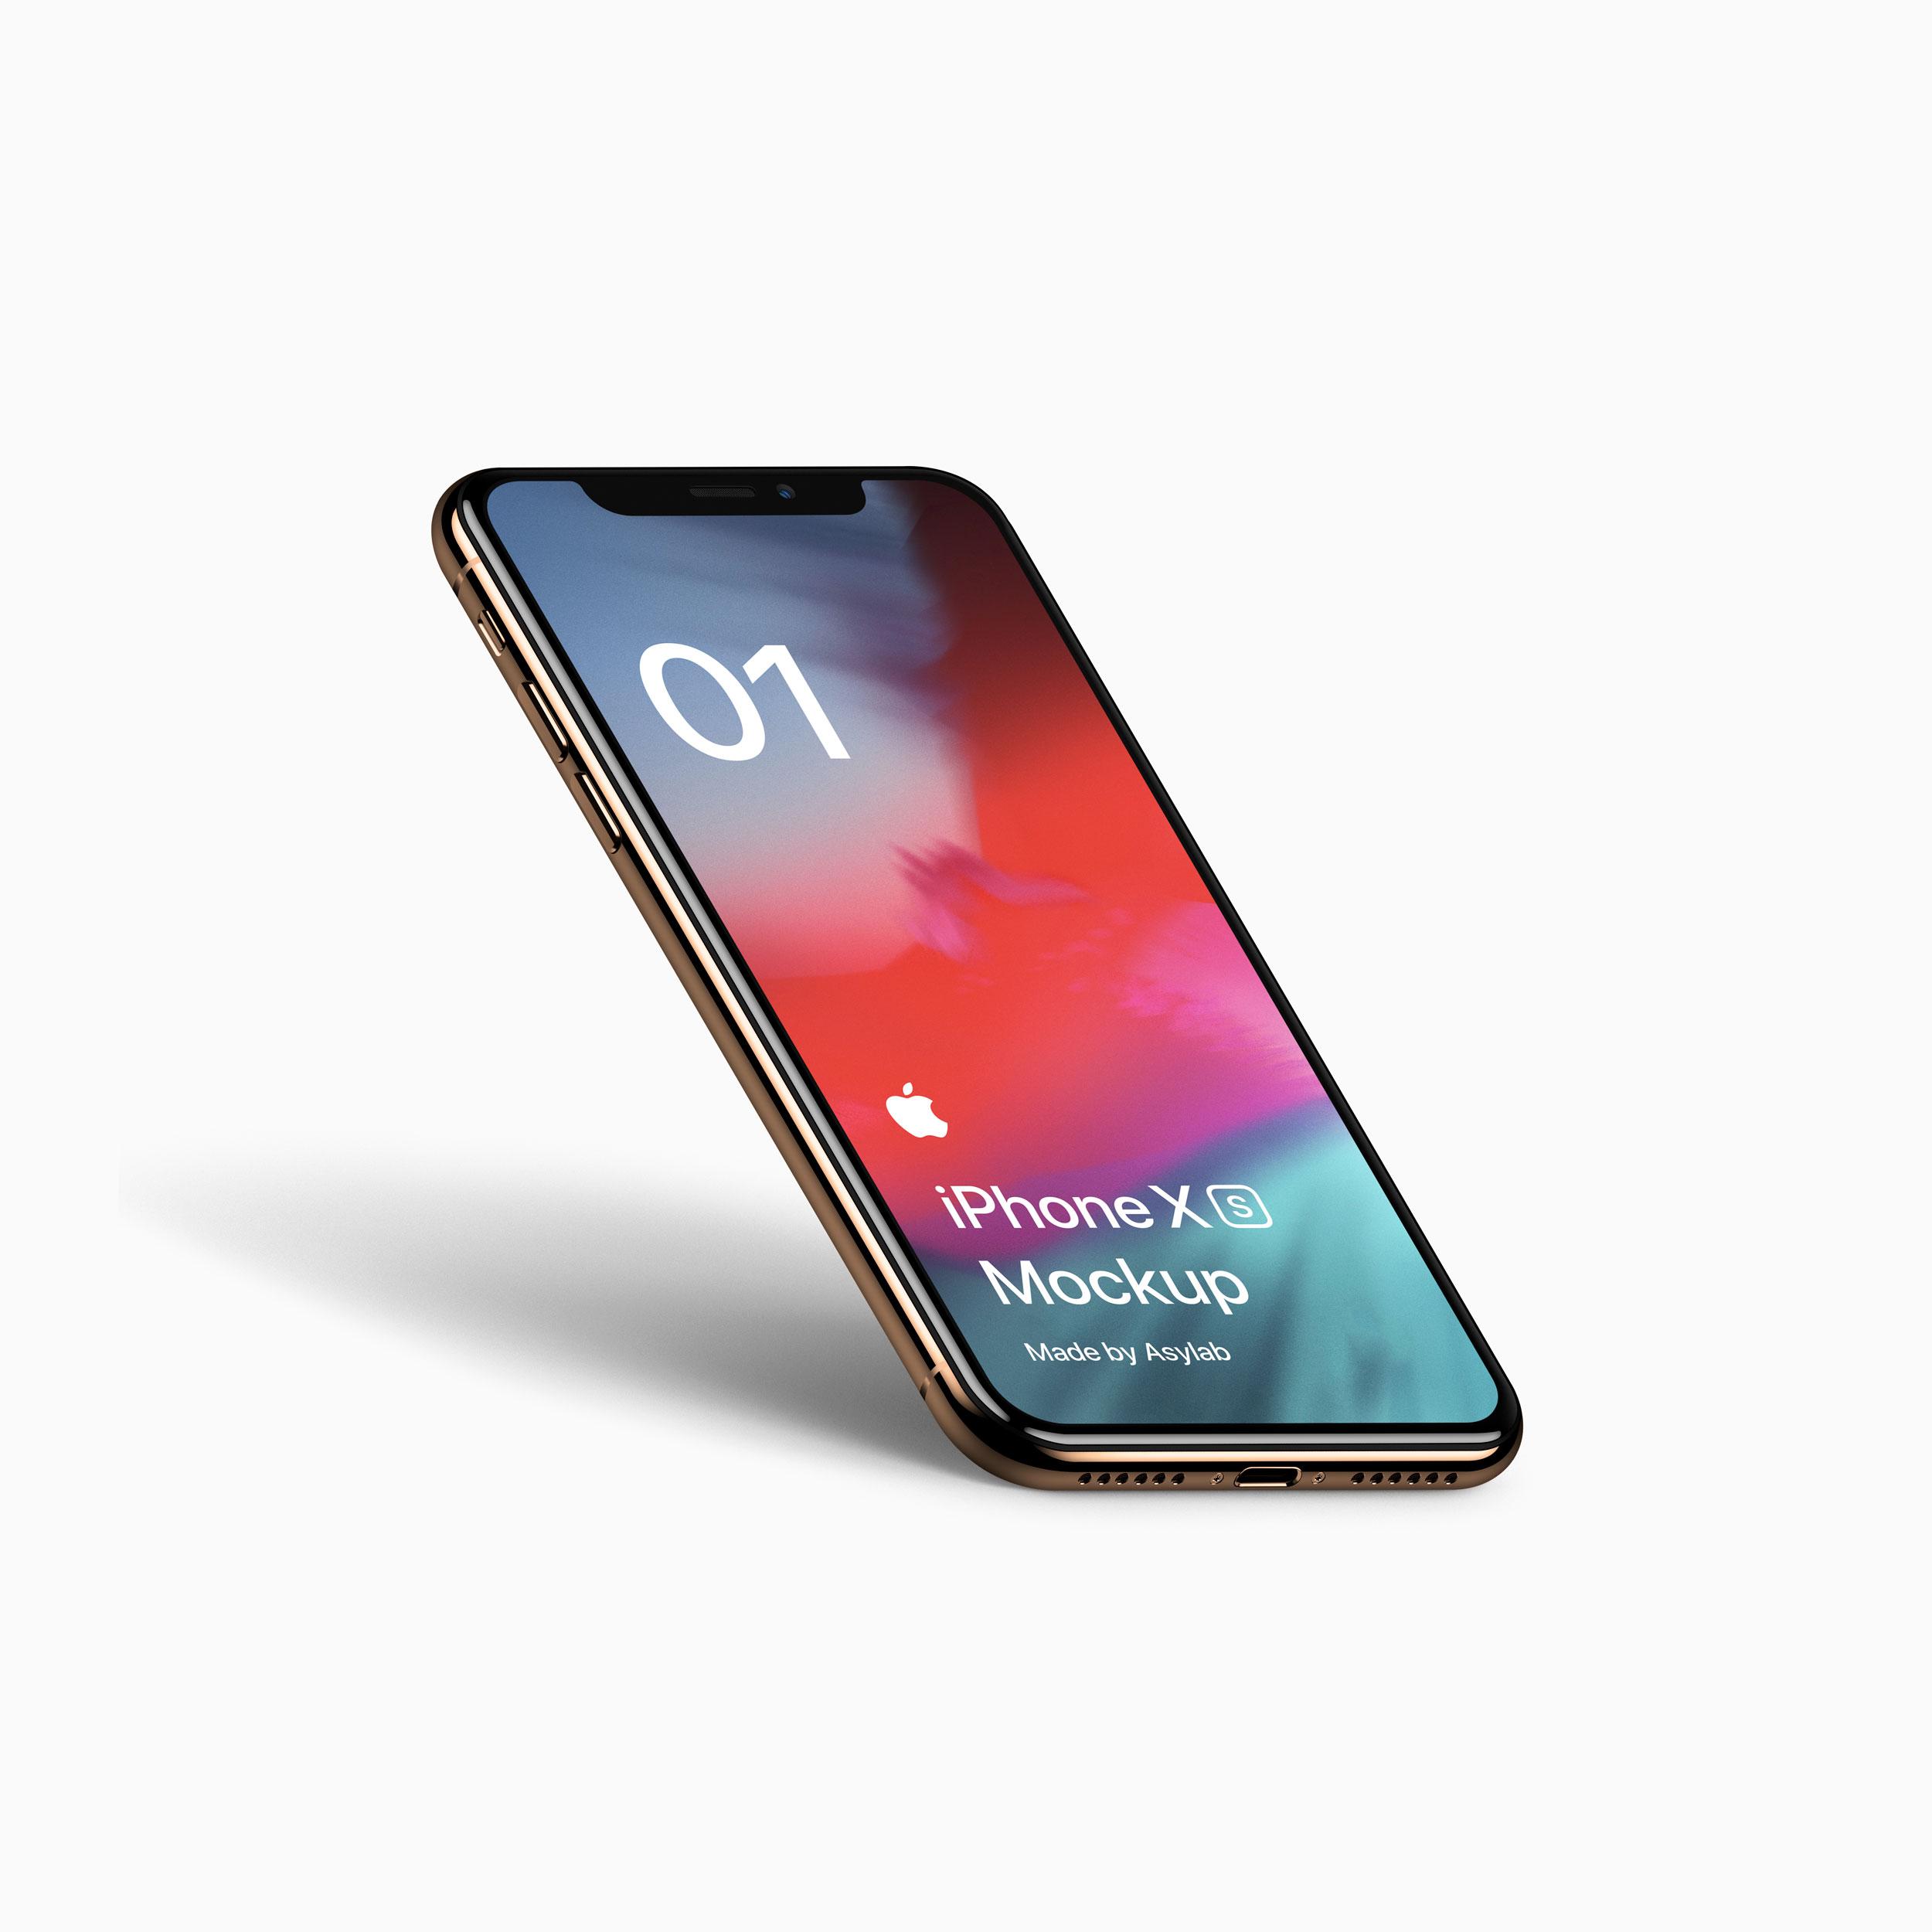 3b899491090507d - 苹果iPhoneX UI样机